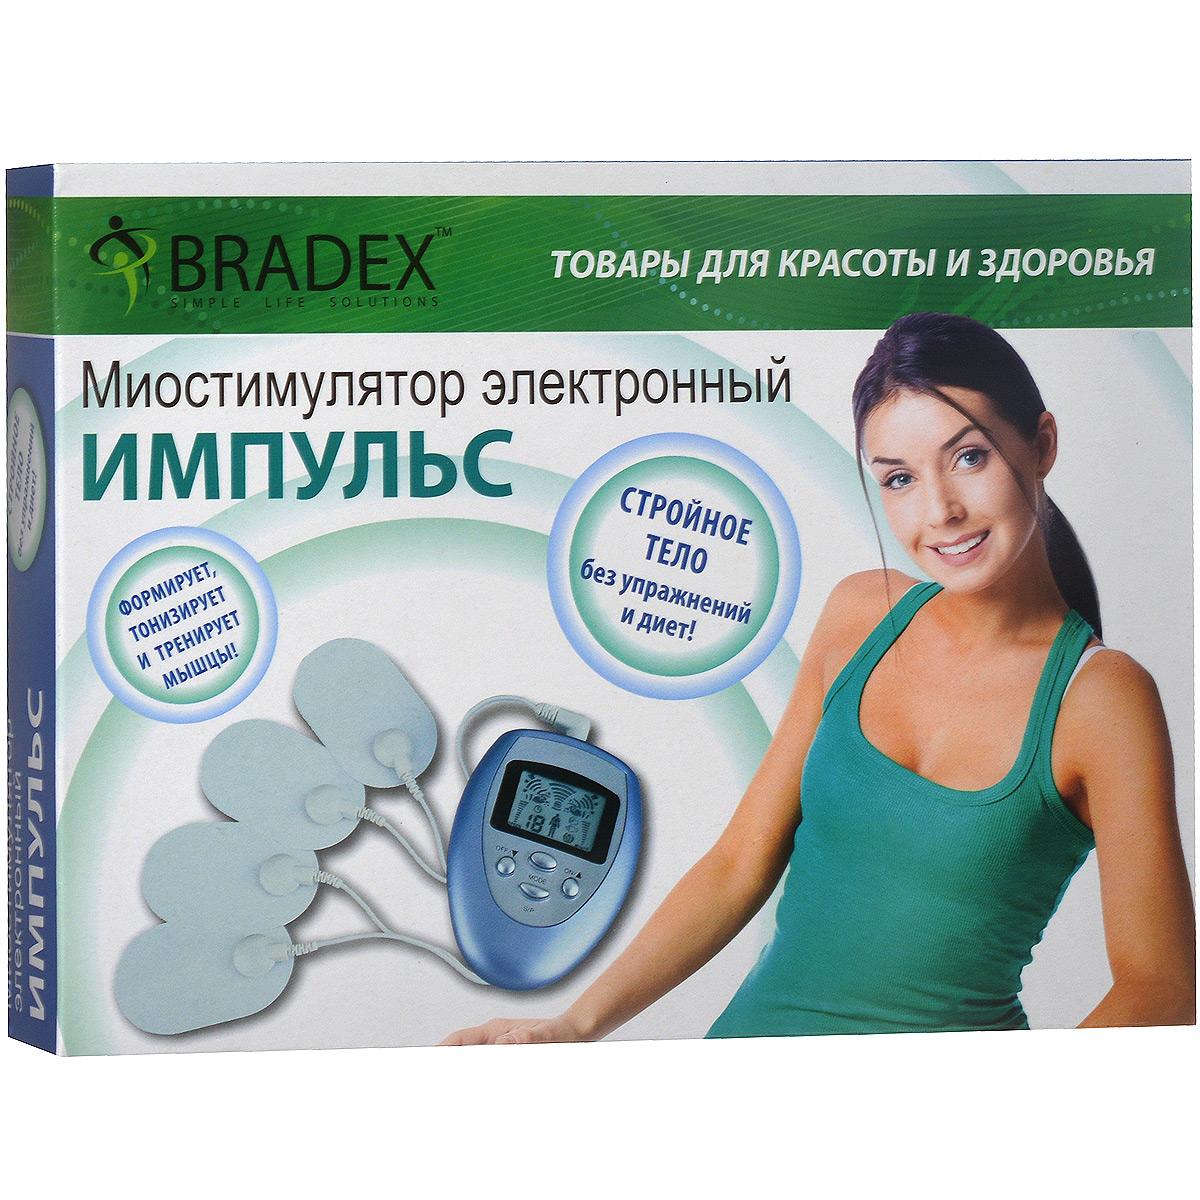 Миостимулятор электронный Bradex